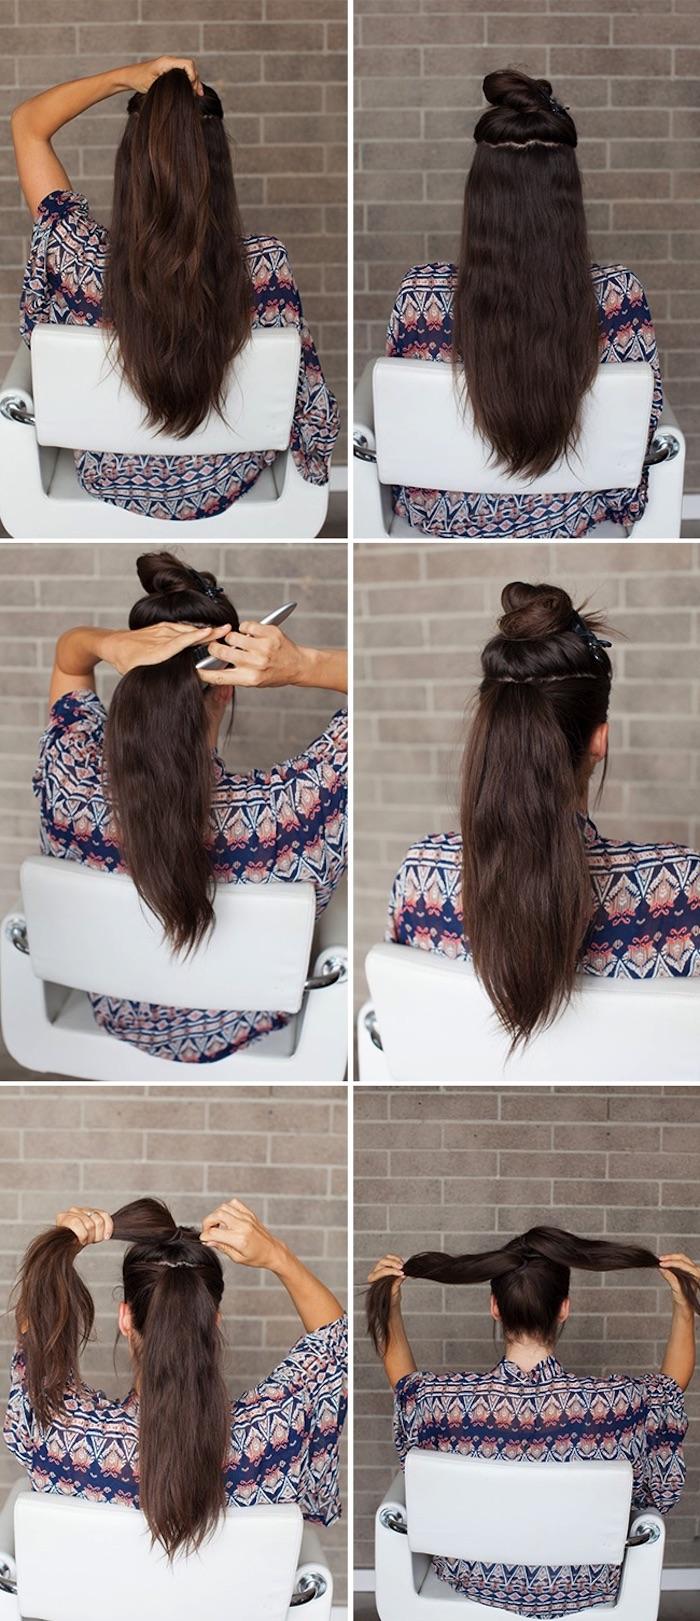 Haarspange für dutt